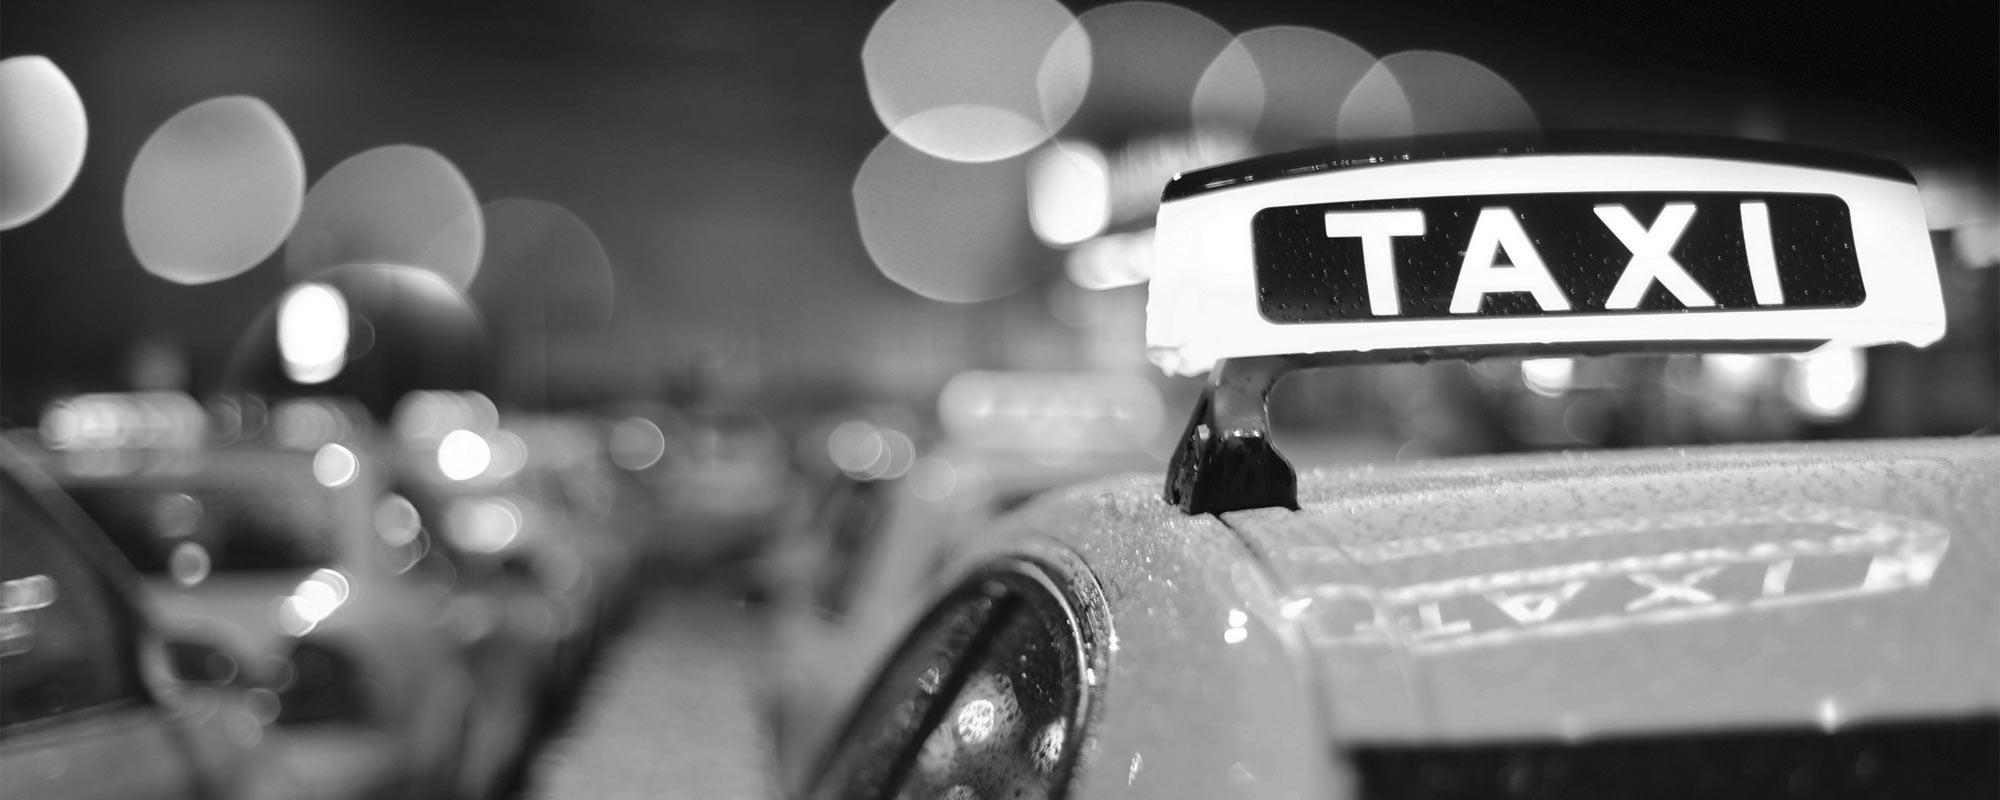 servizio taxi lugano ticino